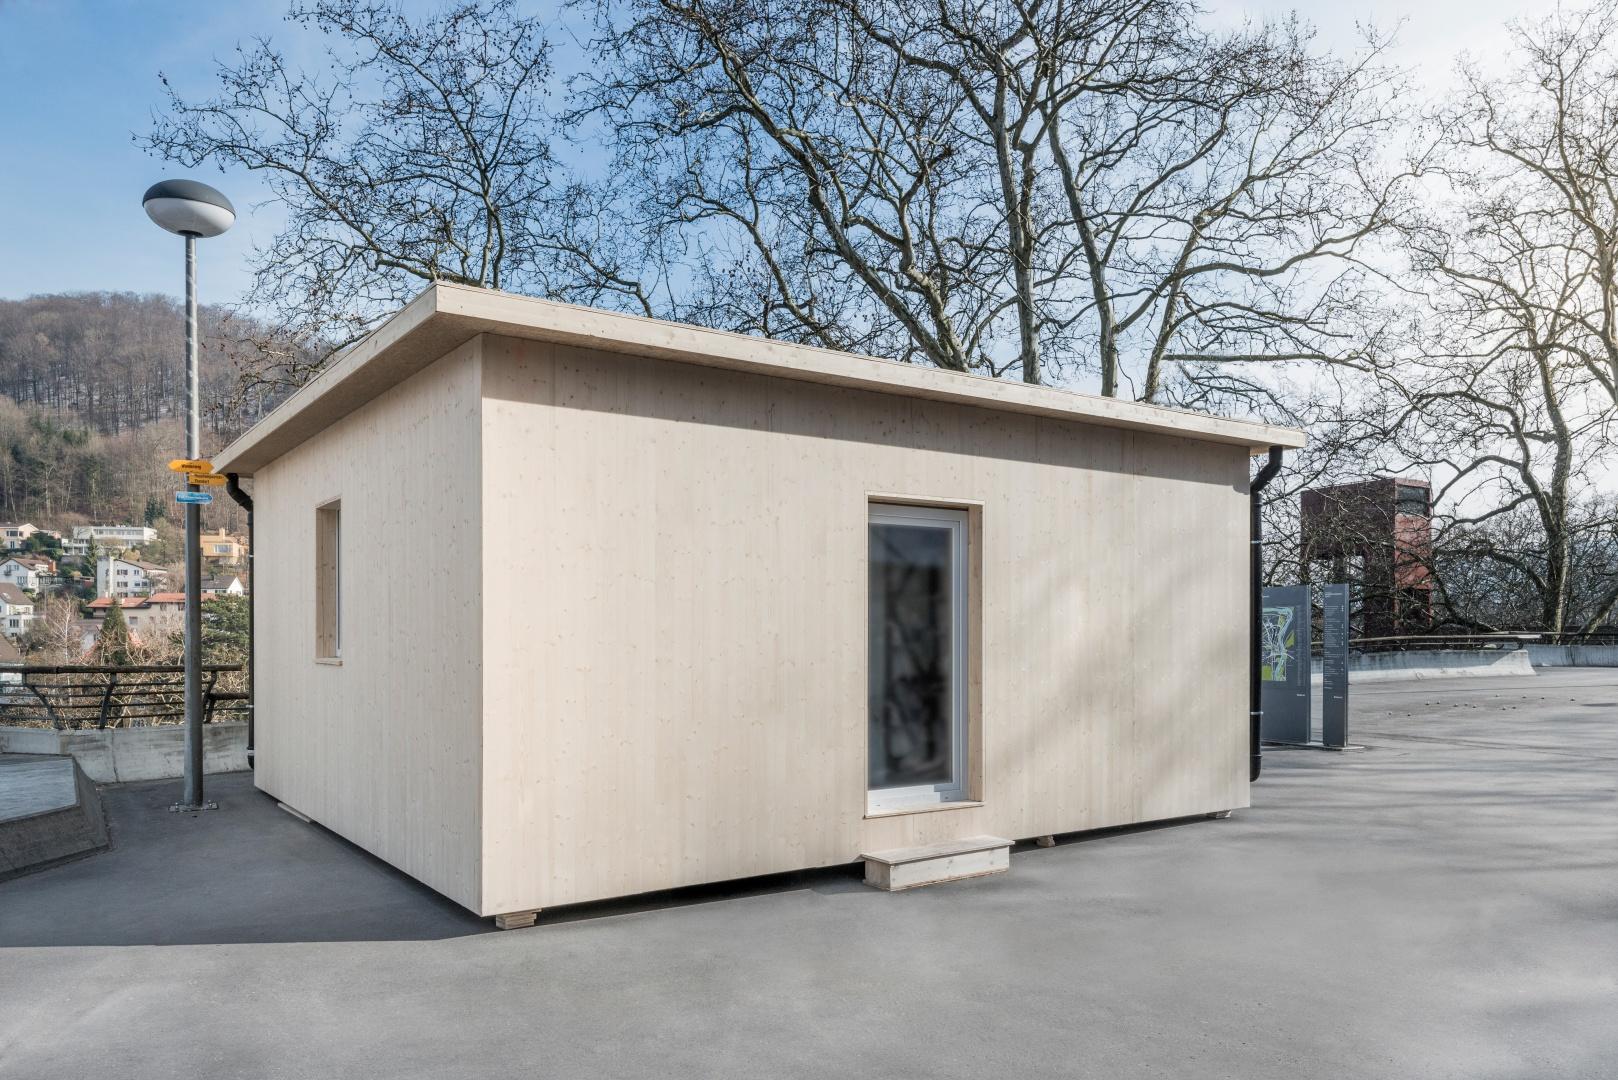 AUSSEN © 3C Architektur GmbH, Wiesenstrasse 30a, 5400 Baden